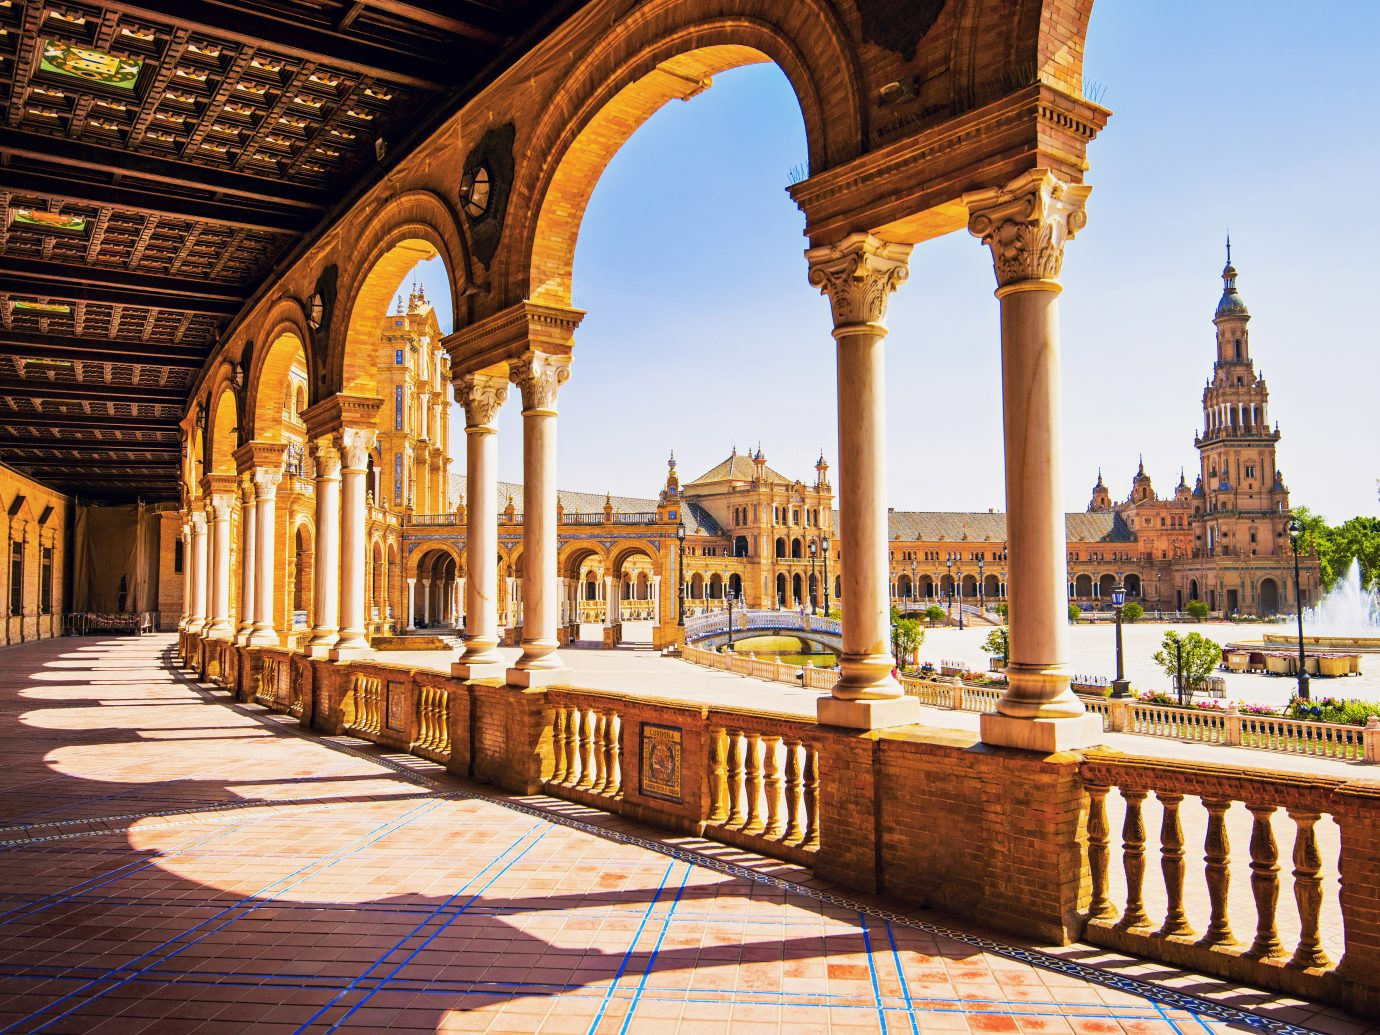 Plaza de Espana in Seville, Andalusia, Spain